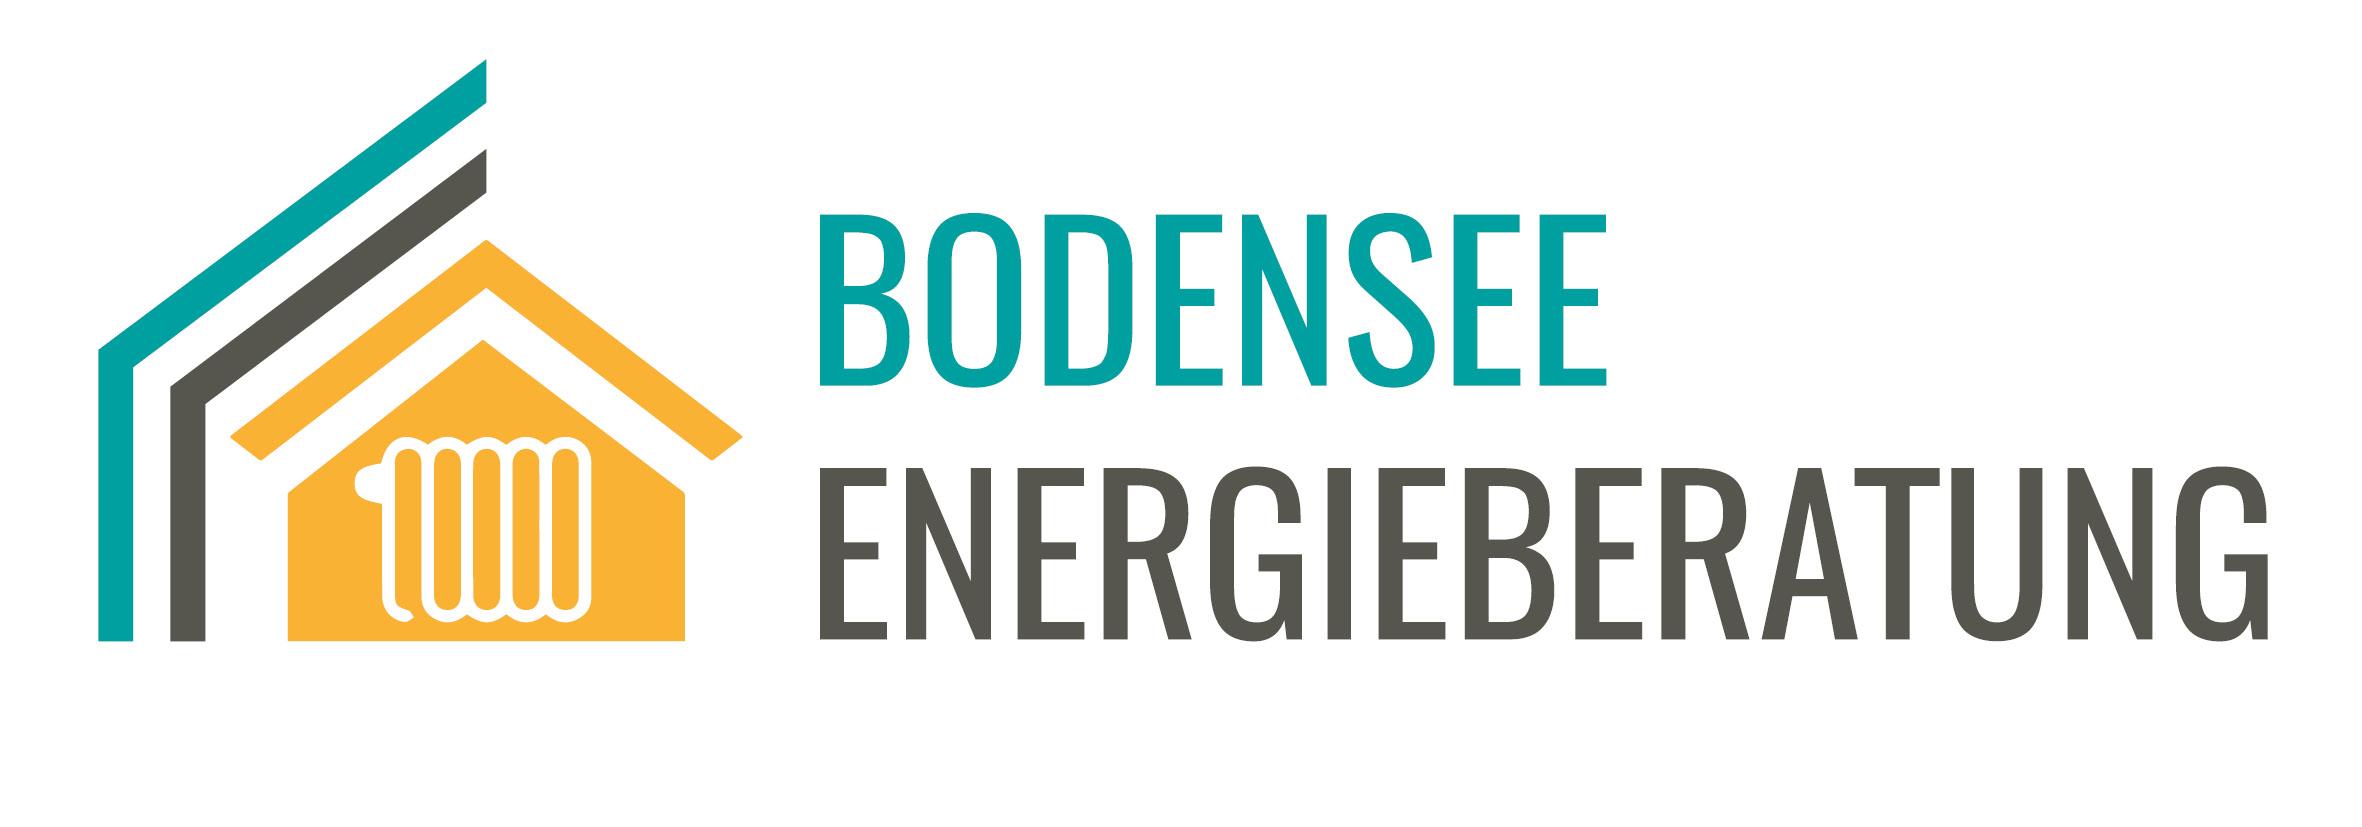 Bodensee Energieberatung Logo